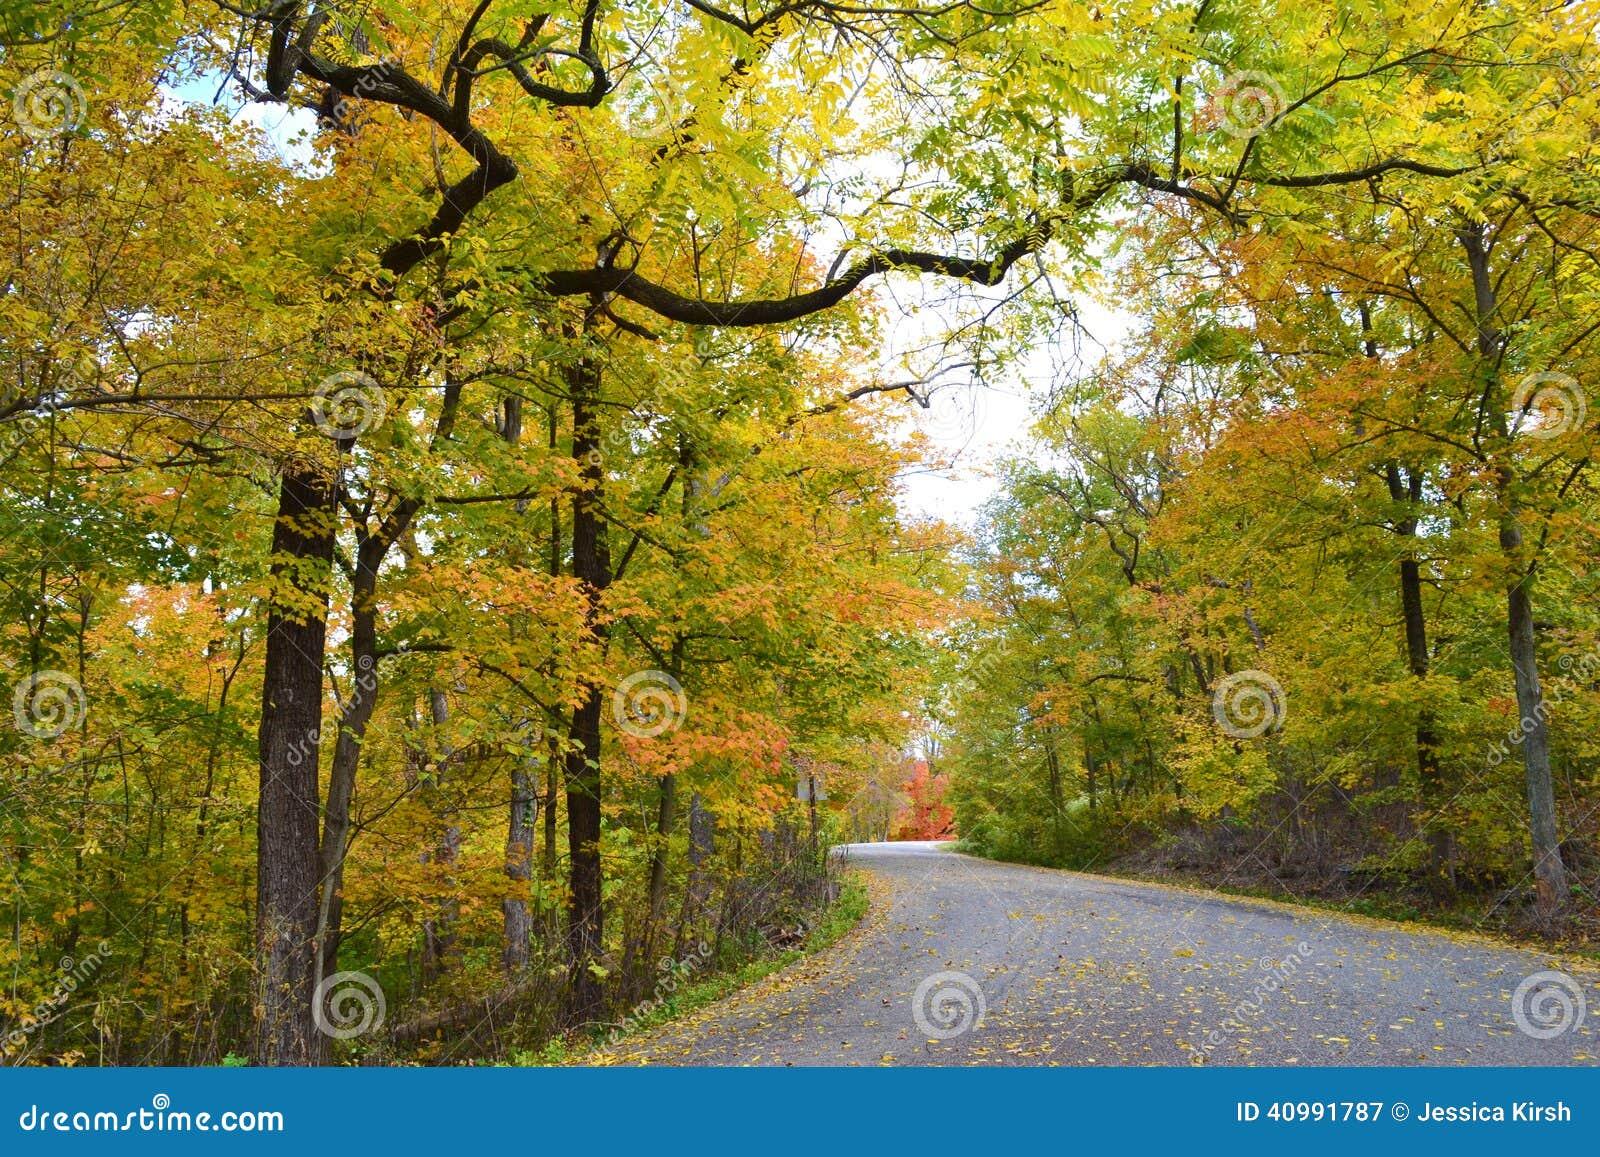 Enroulement de route par une forêt pendant l automne